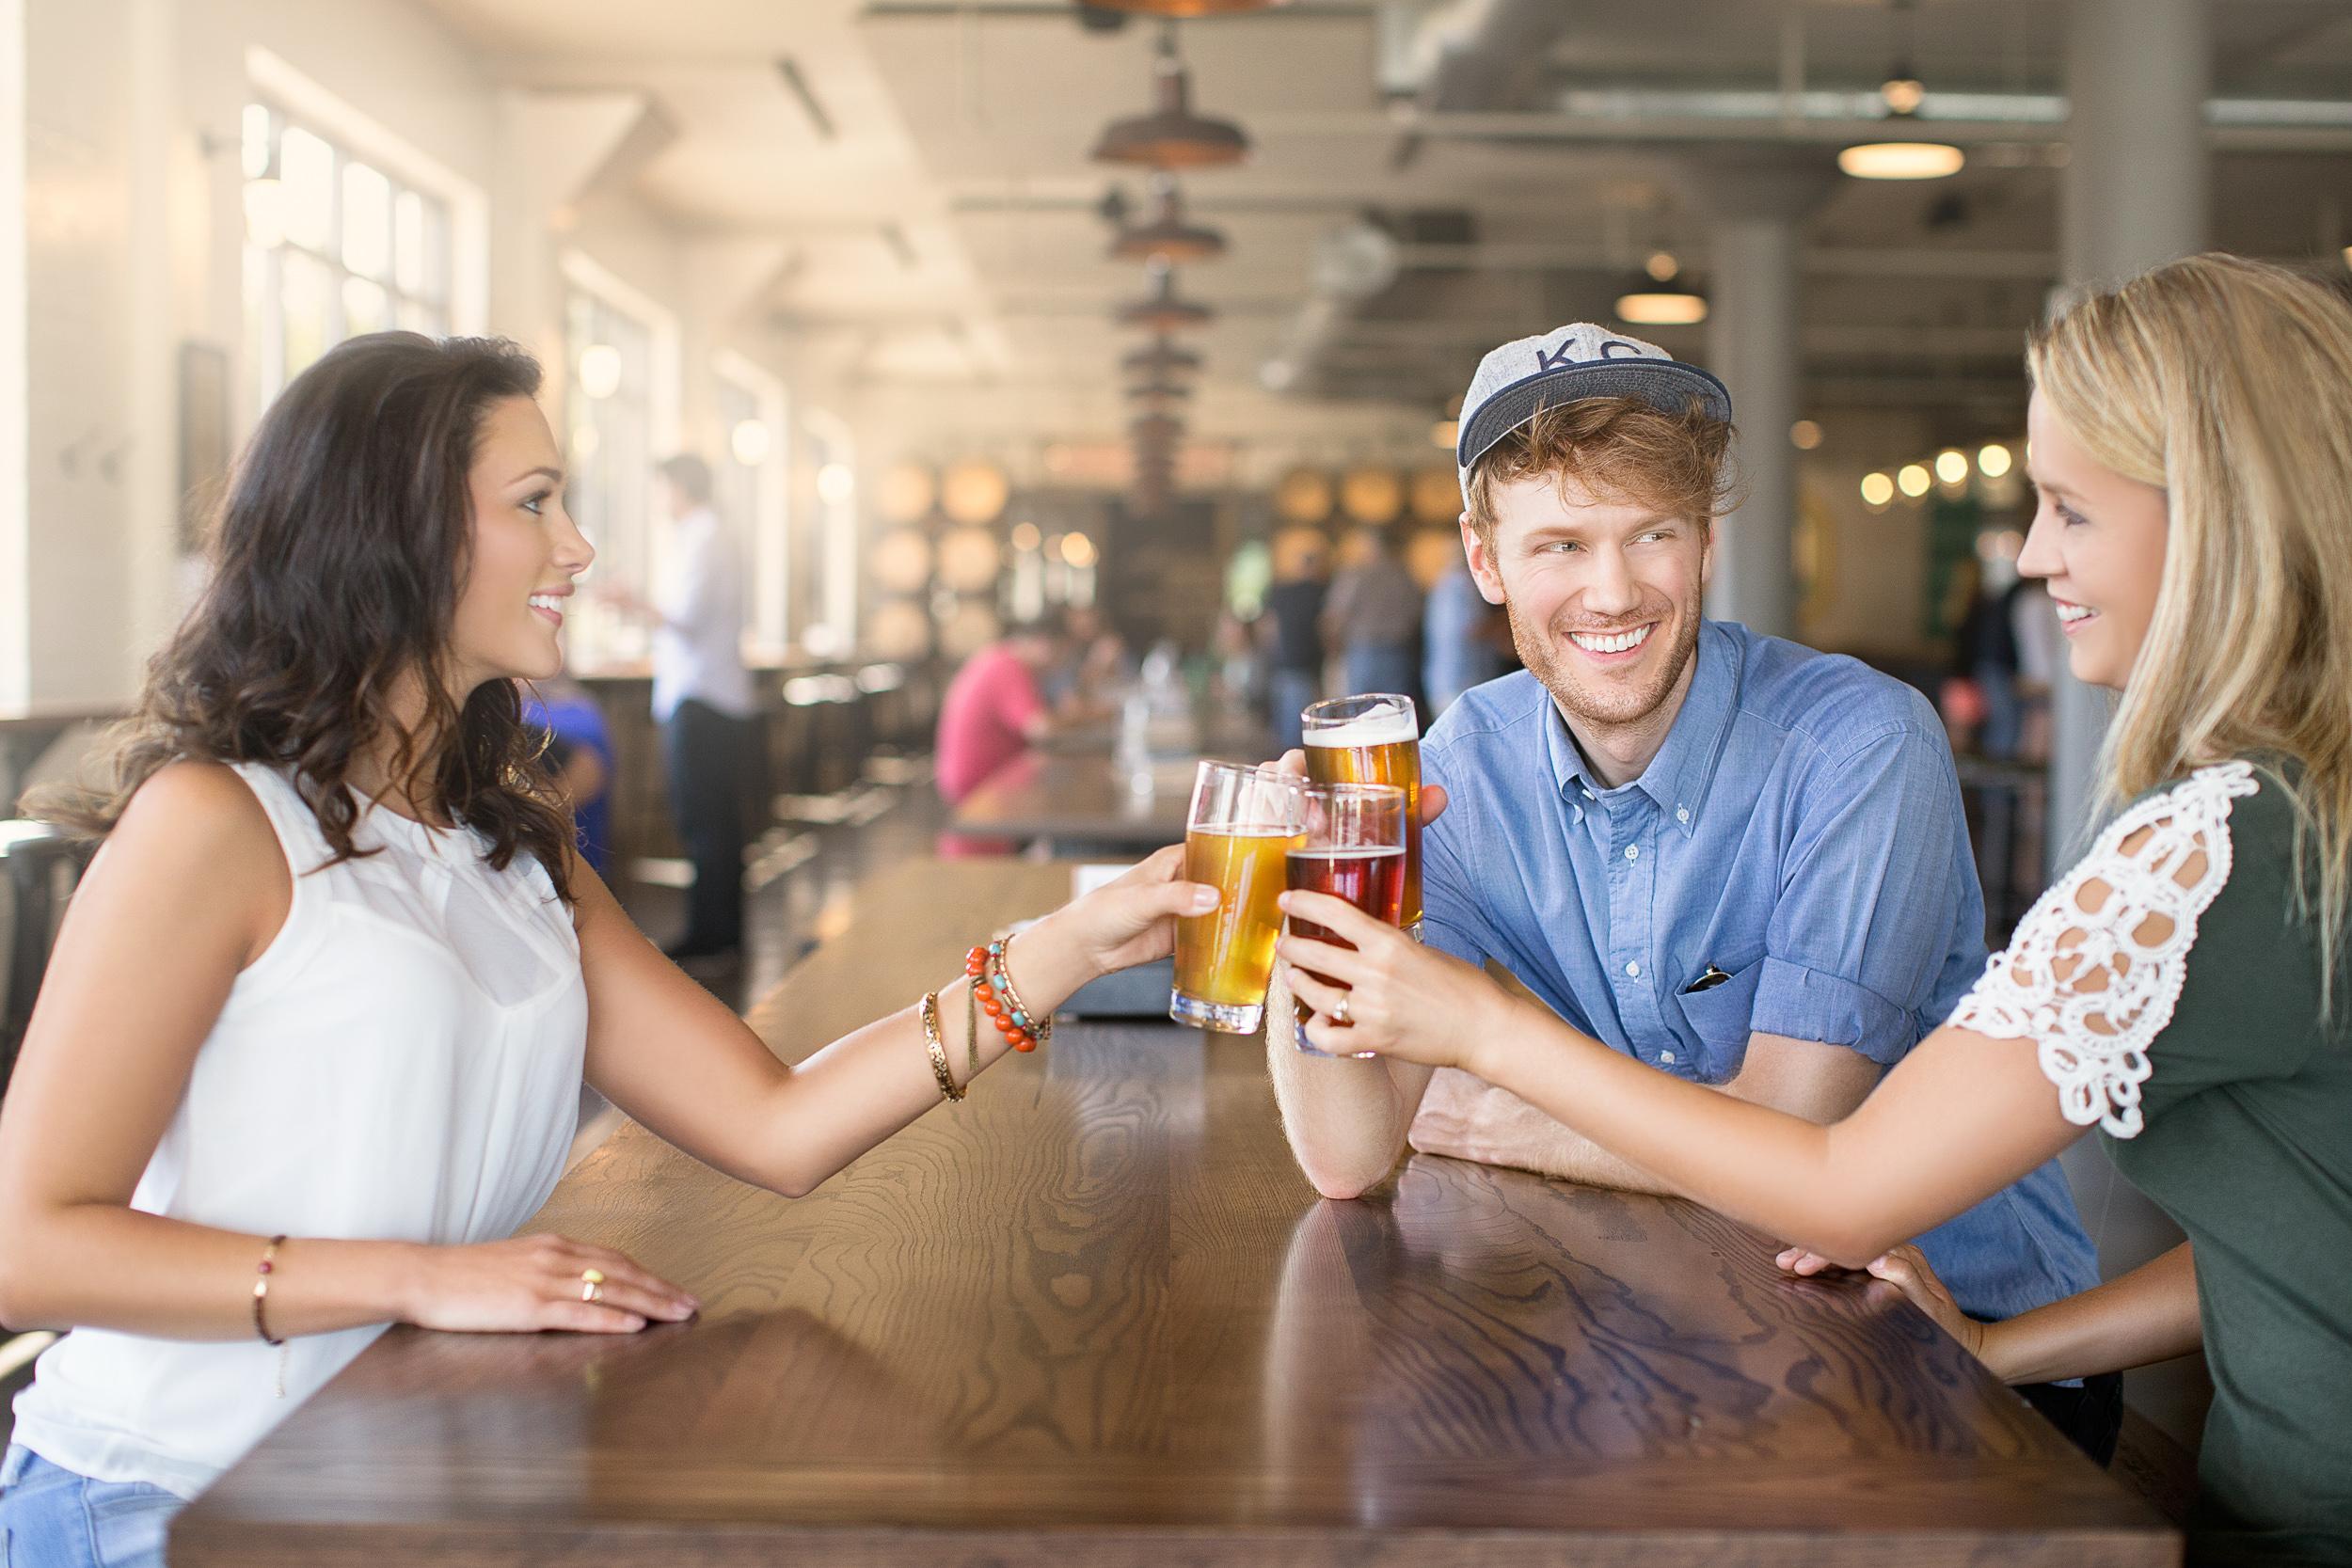 blvd_beer_hall_FINAL_2.JPG